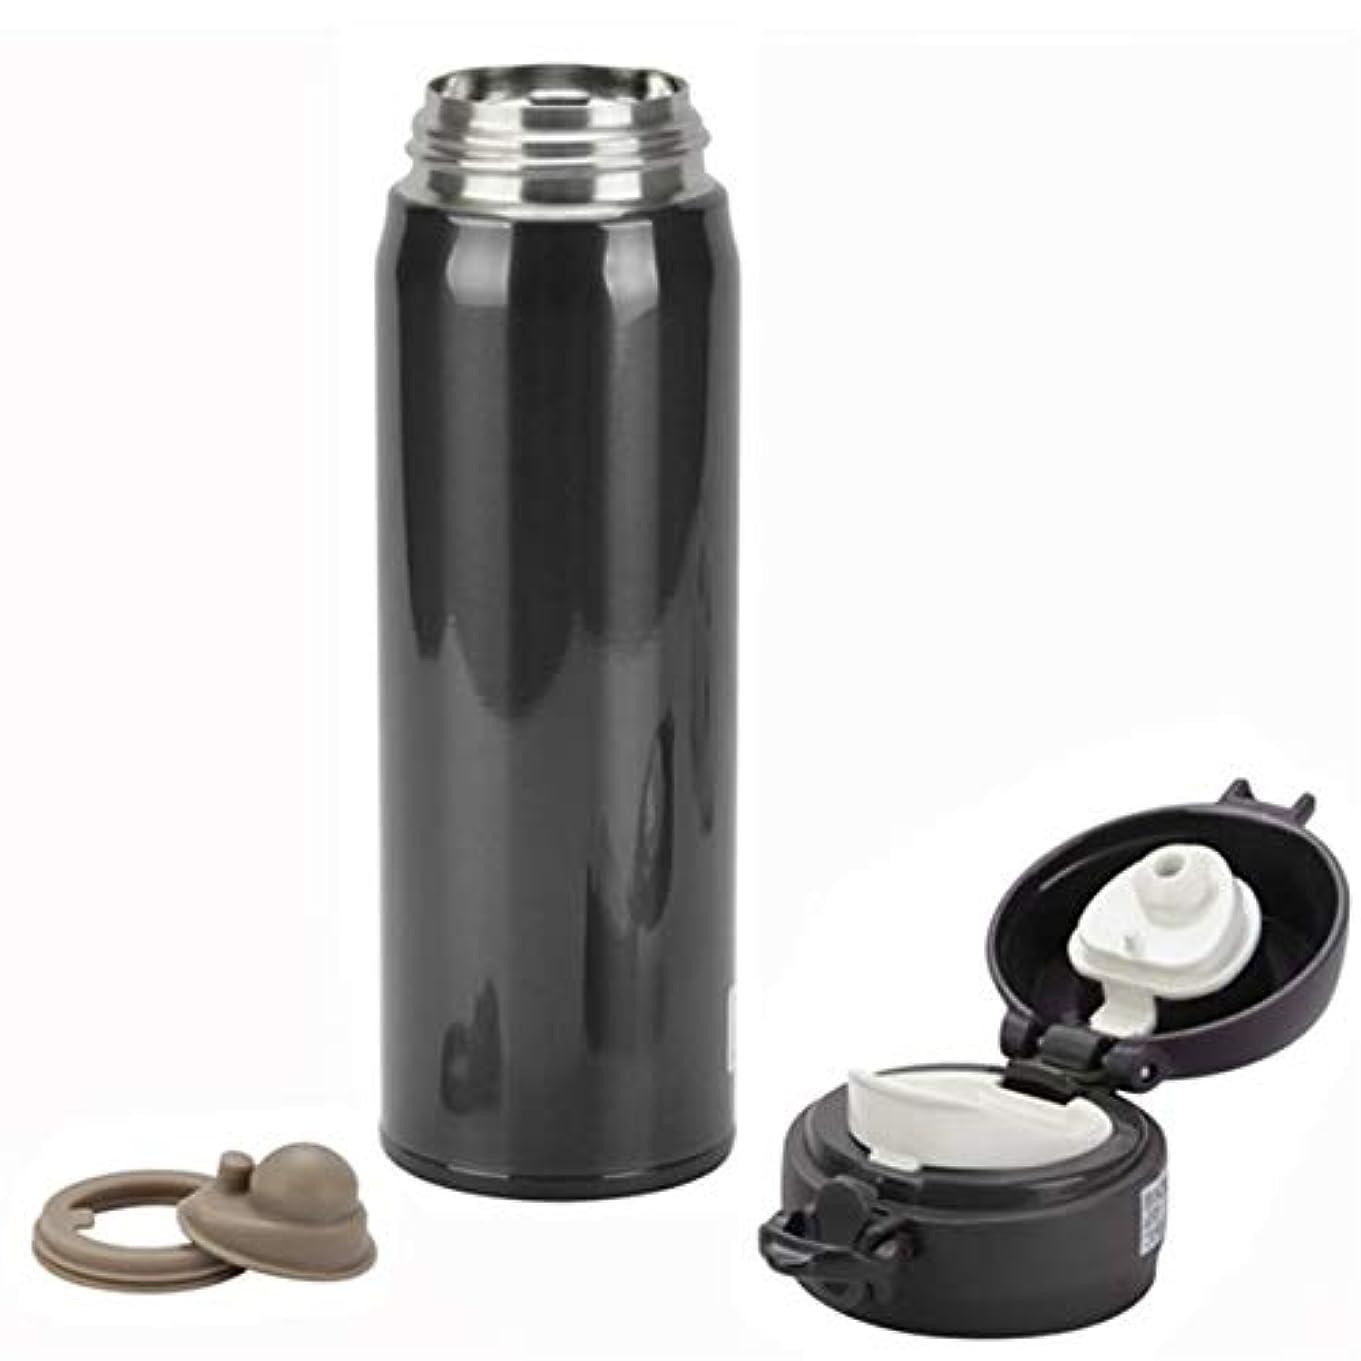 参照する悪意南東Saikogoods 真空カップ 450ミリリットル ステンレス鋼 ウォーターボトル 飲料ボトル 断熱カップ ポットを保つ運動をする ソリッドカラー シンプルなデザイン 黒